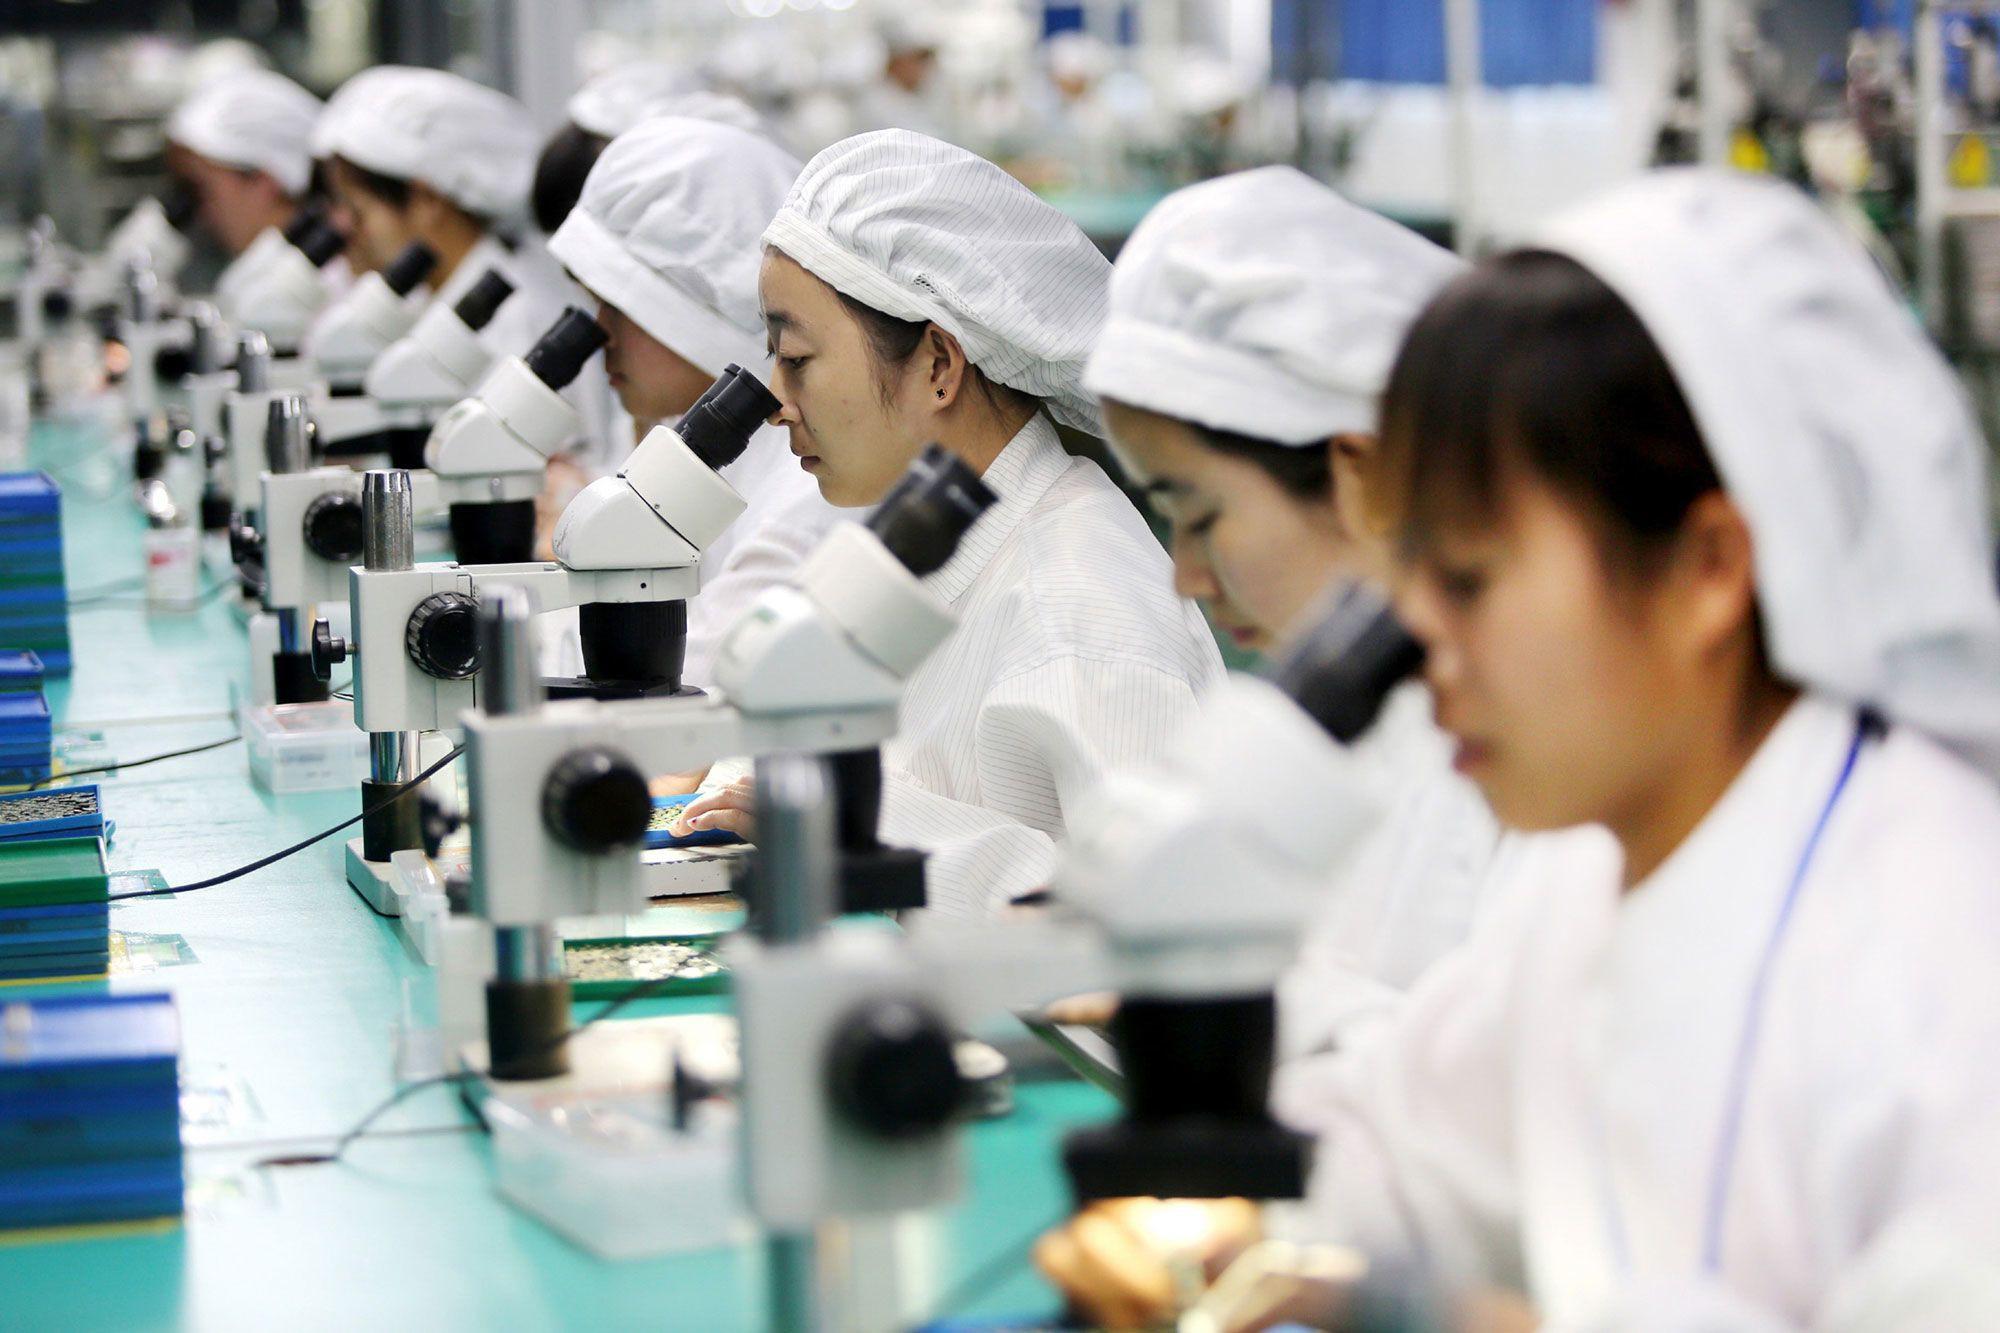 Apple, Intel chao đảo trước cuộc chiến thương mại - Ảnh 2.